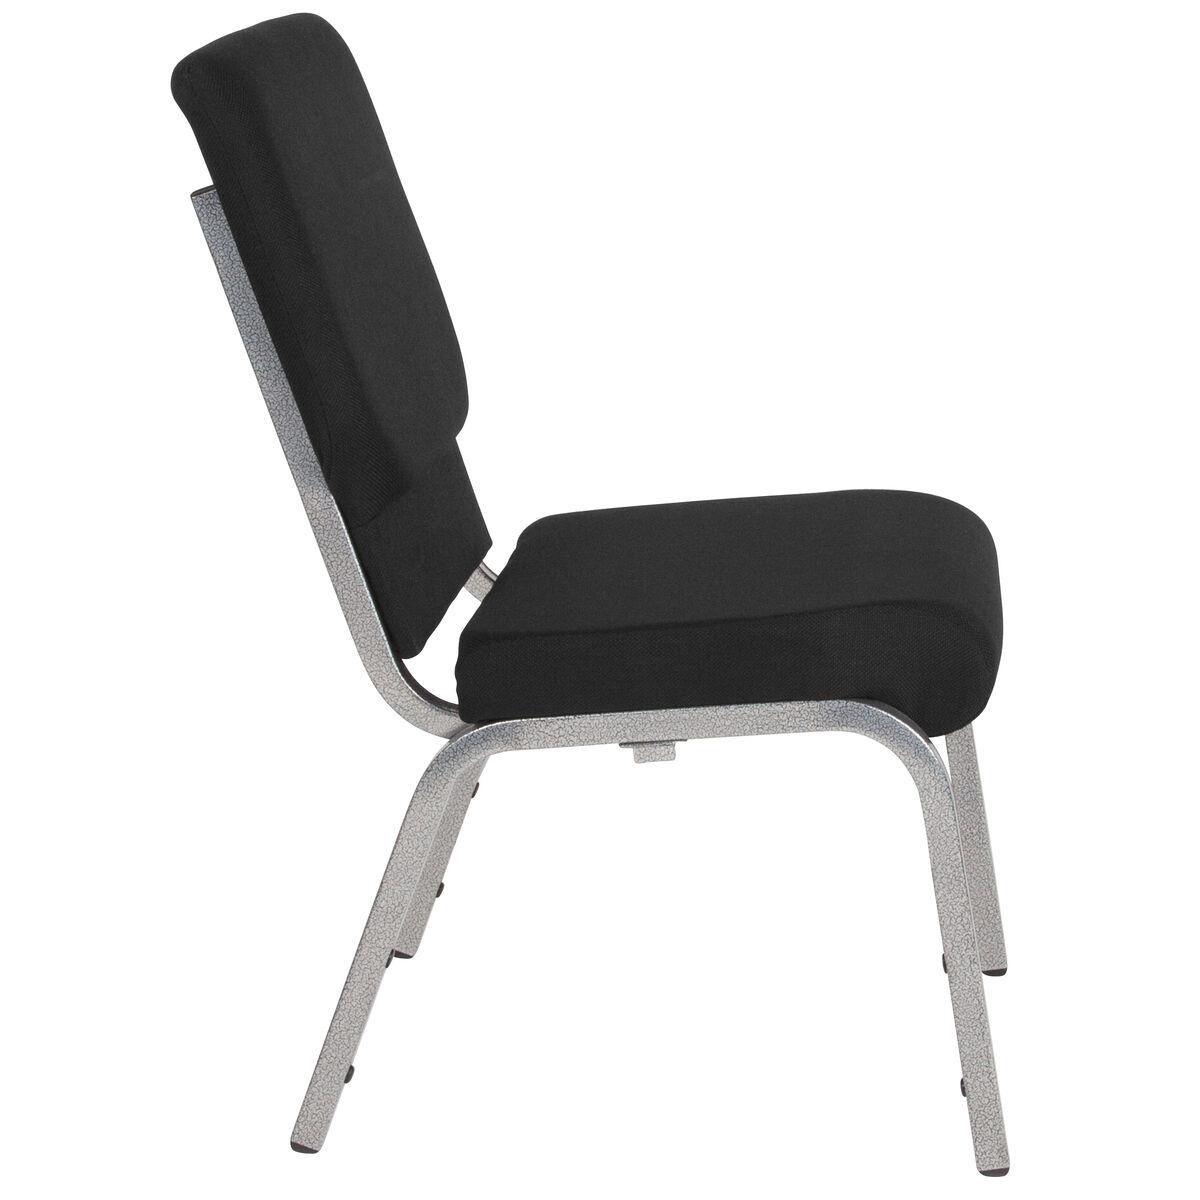 Black Fabric Church Chair Xu Ch 60096 Bk Sv Gg